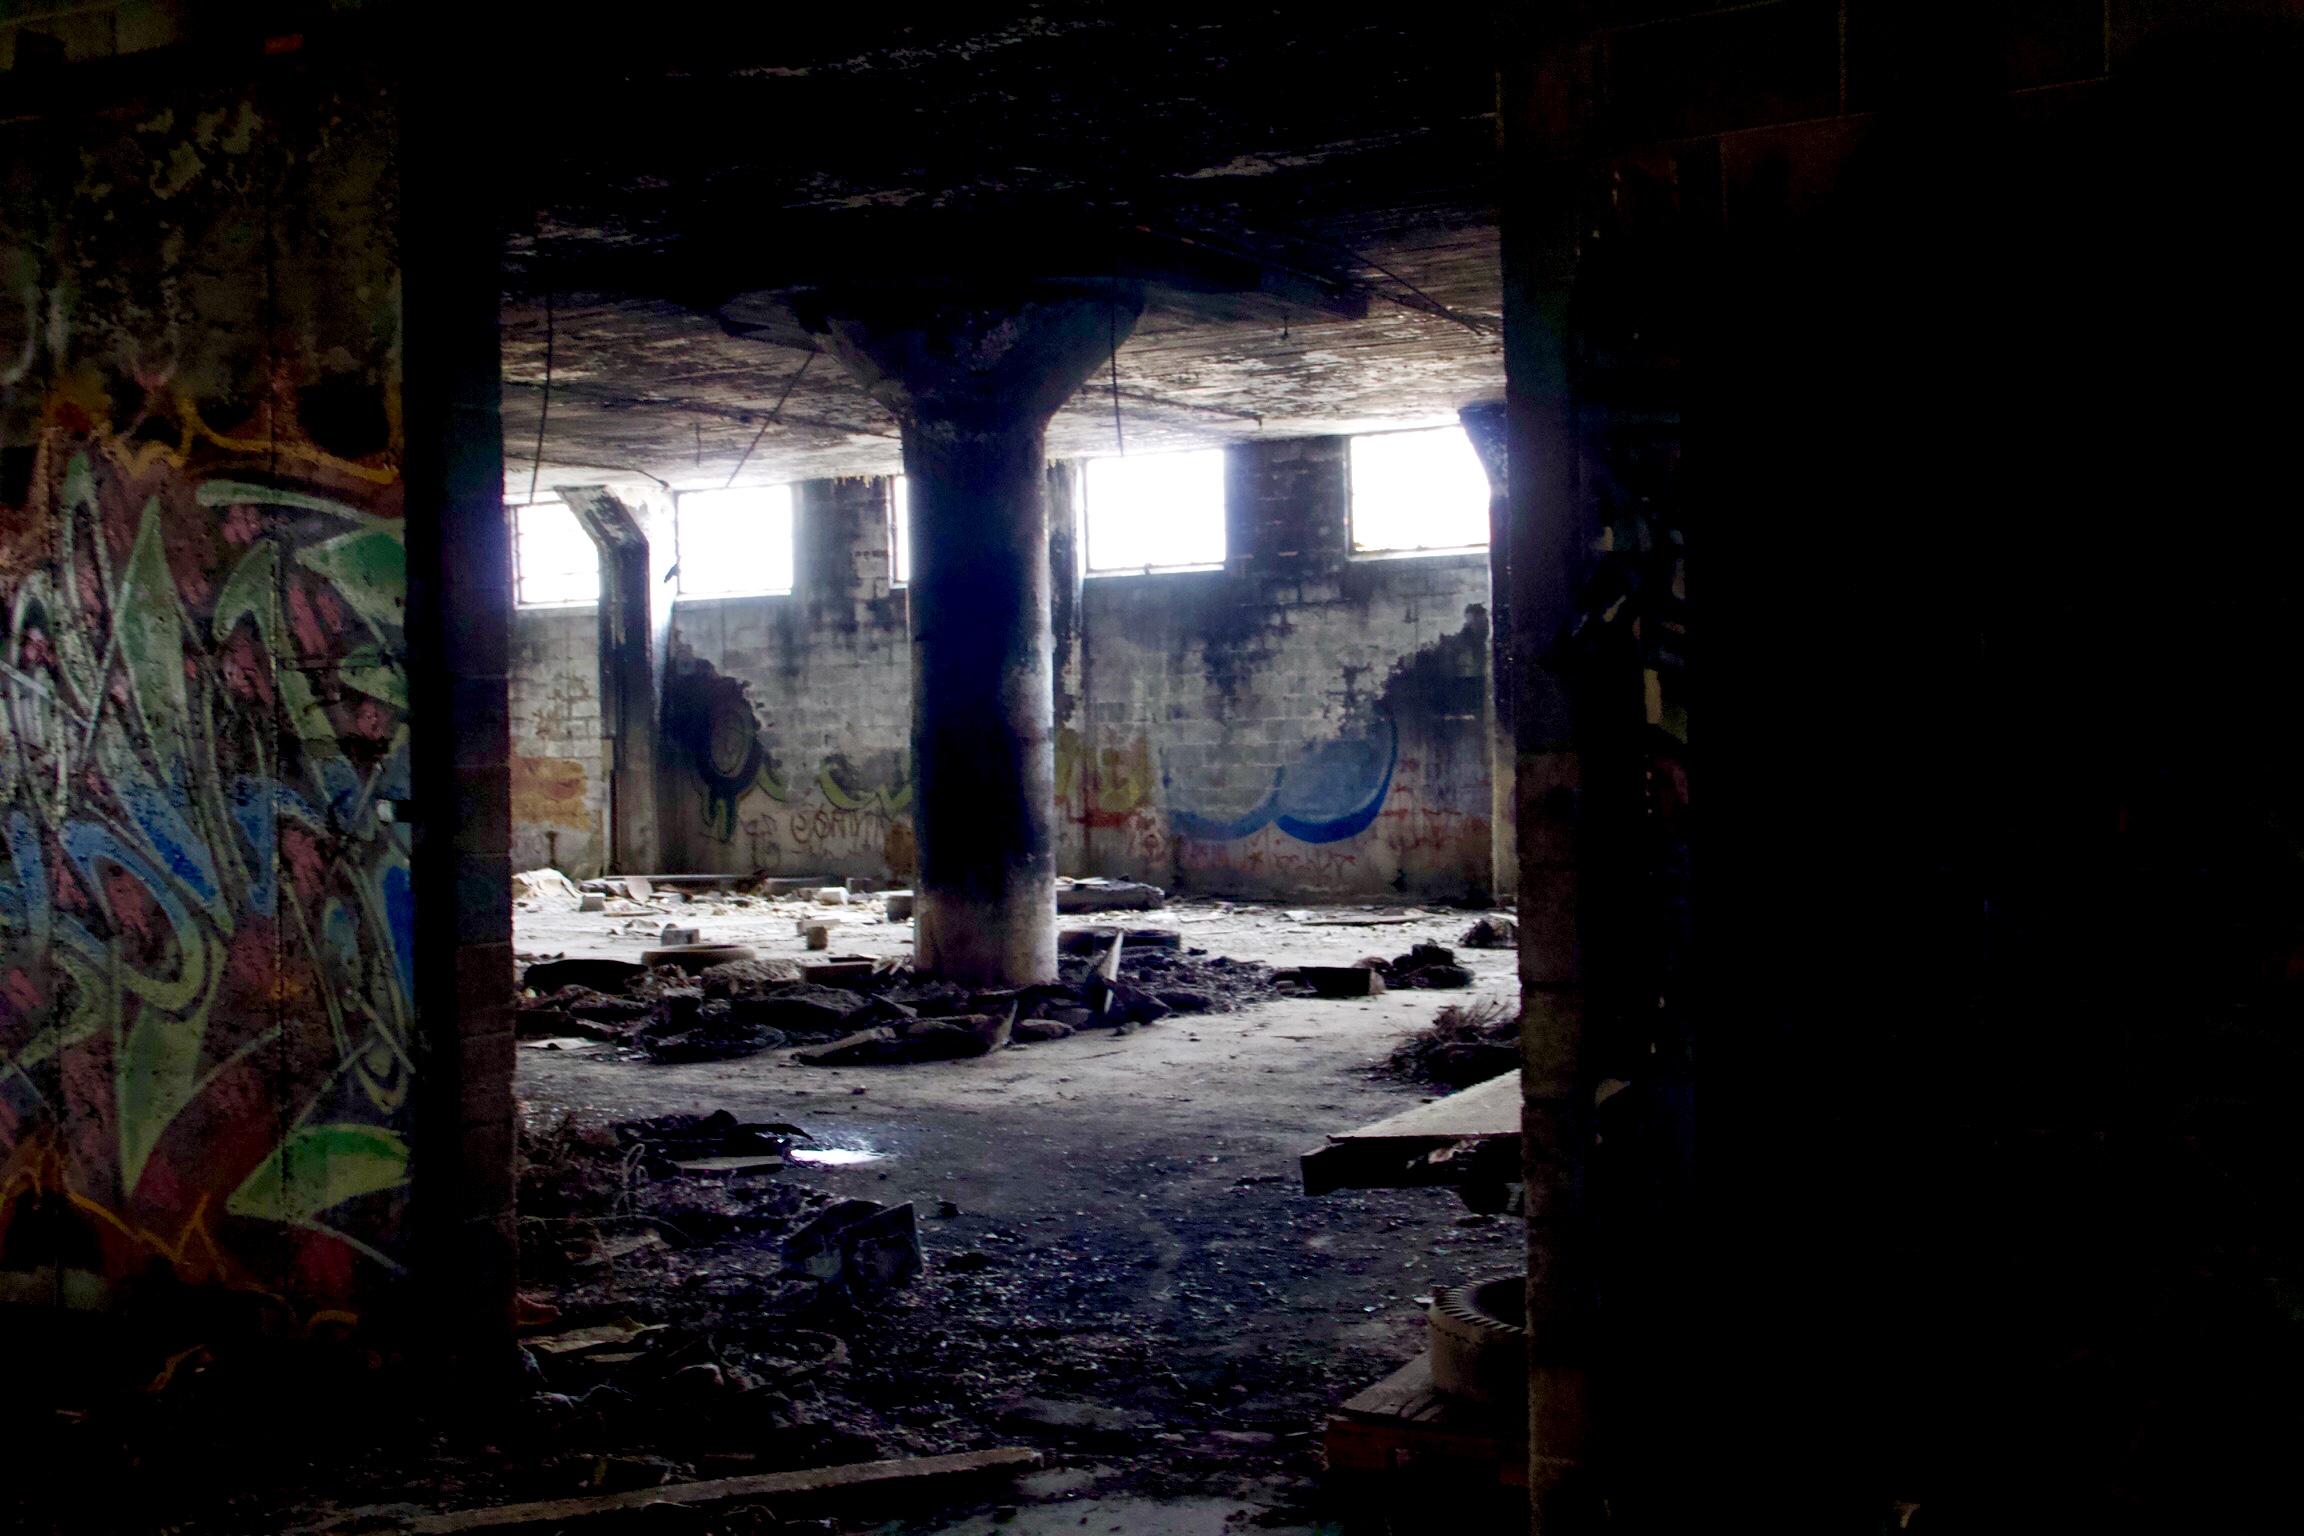 interieurs 9 - Les aventuriers de l'usine perdue